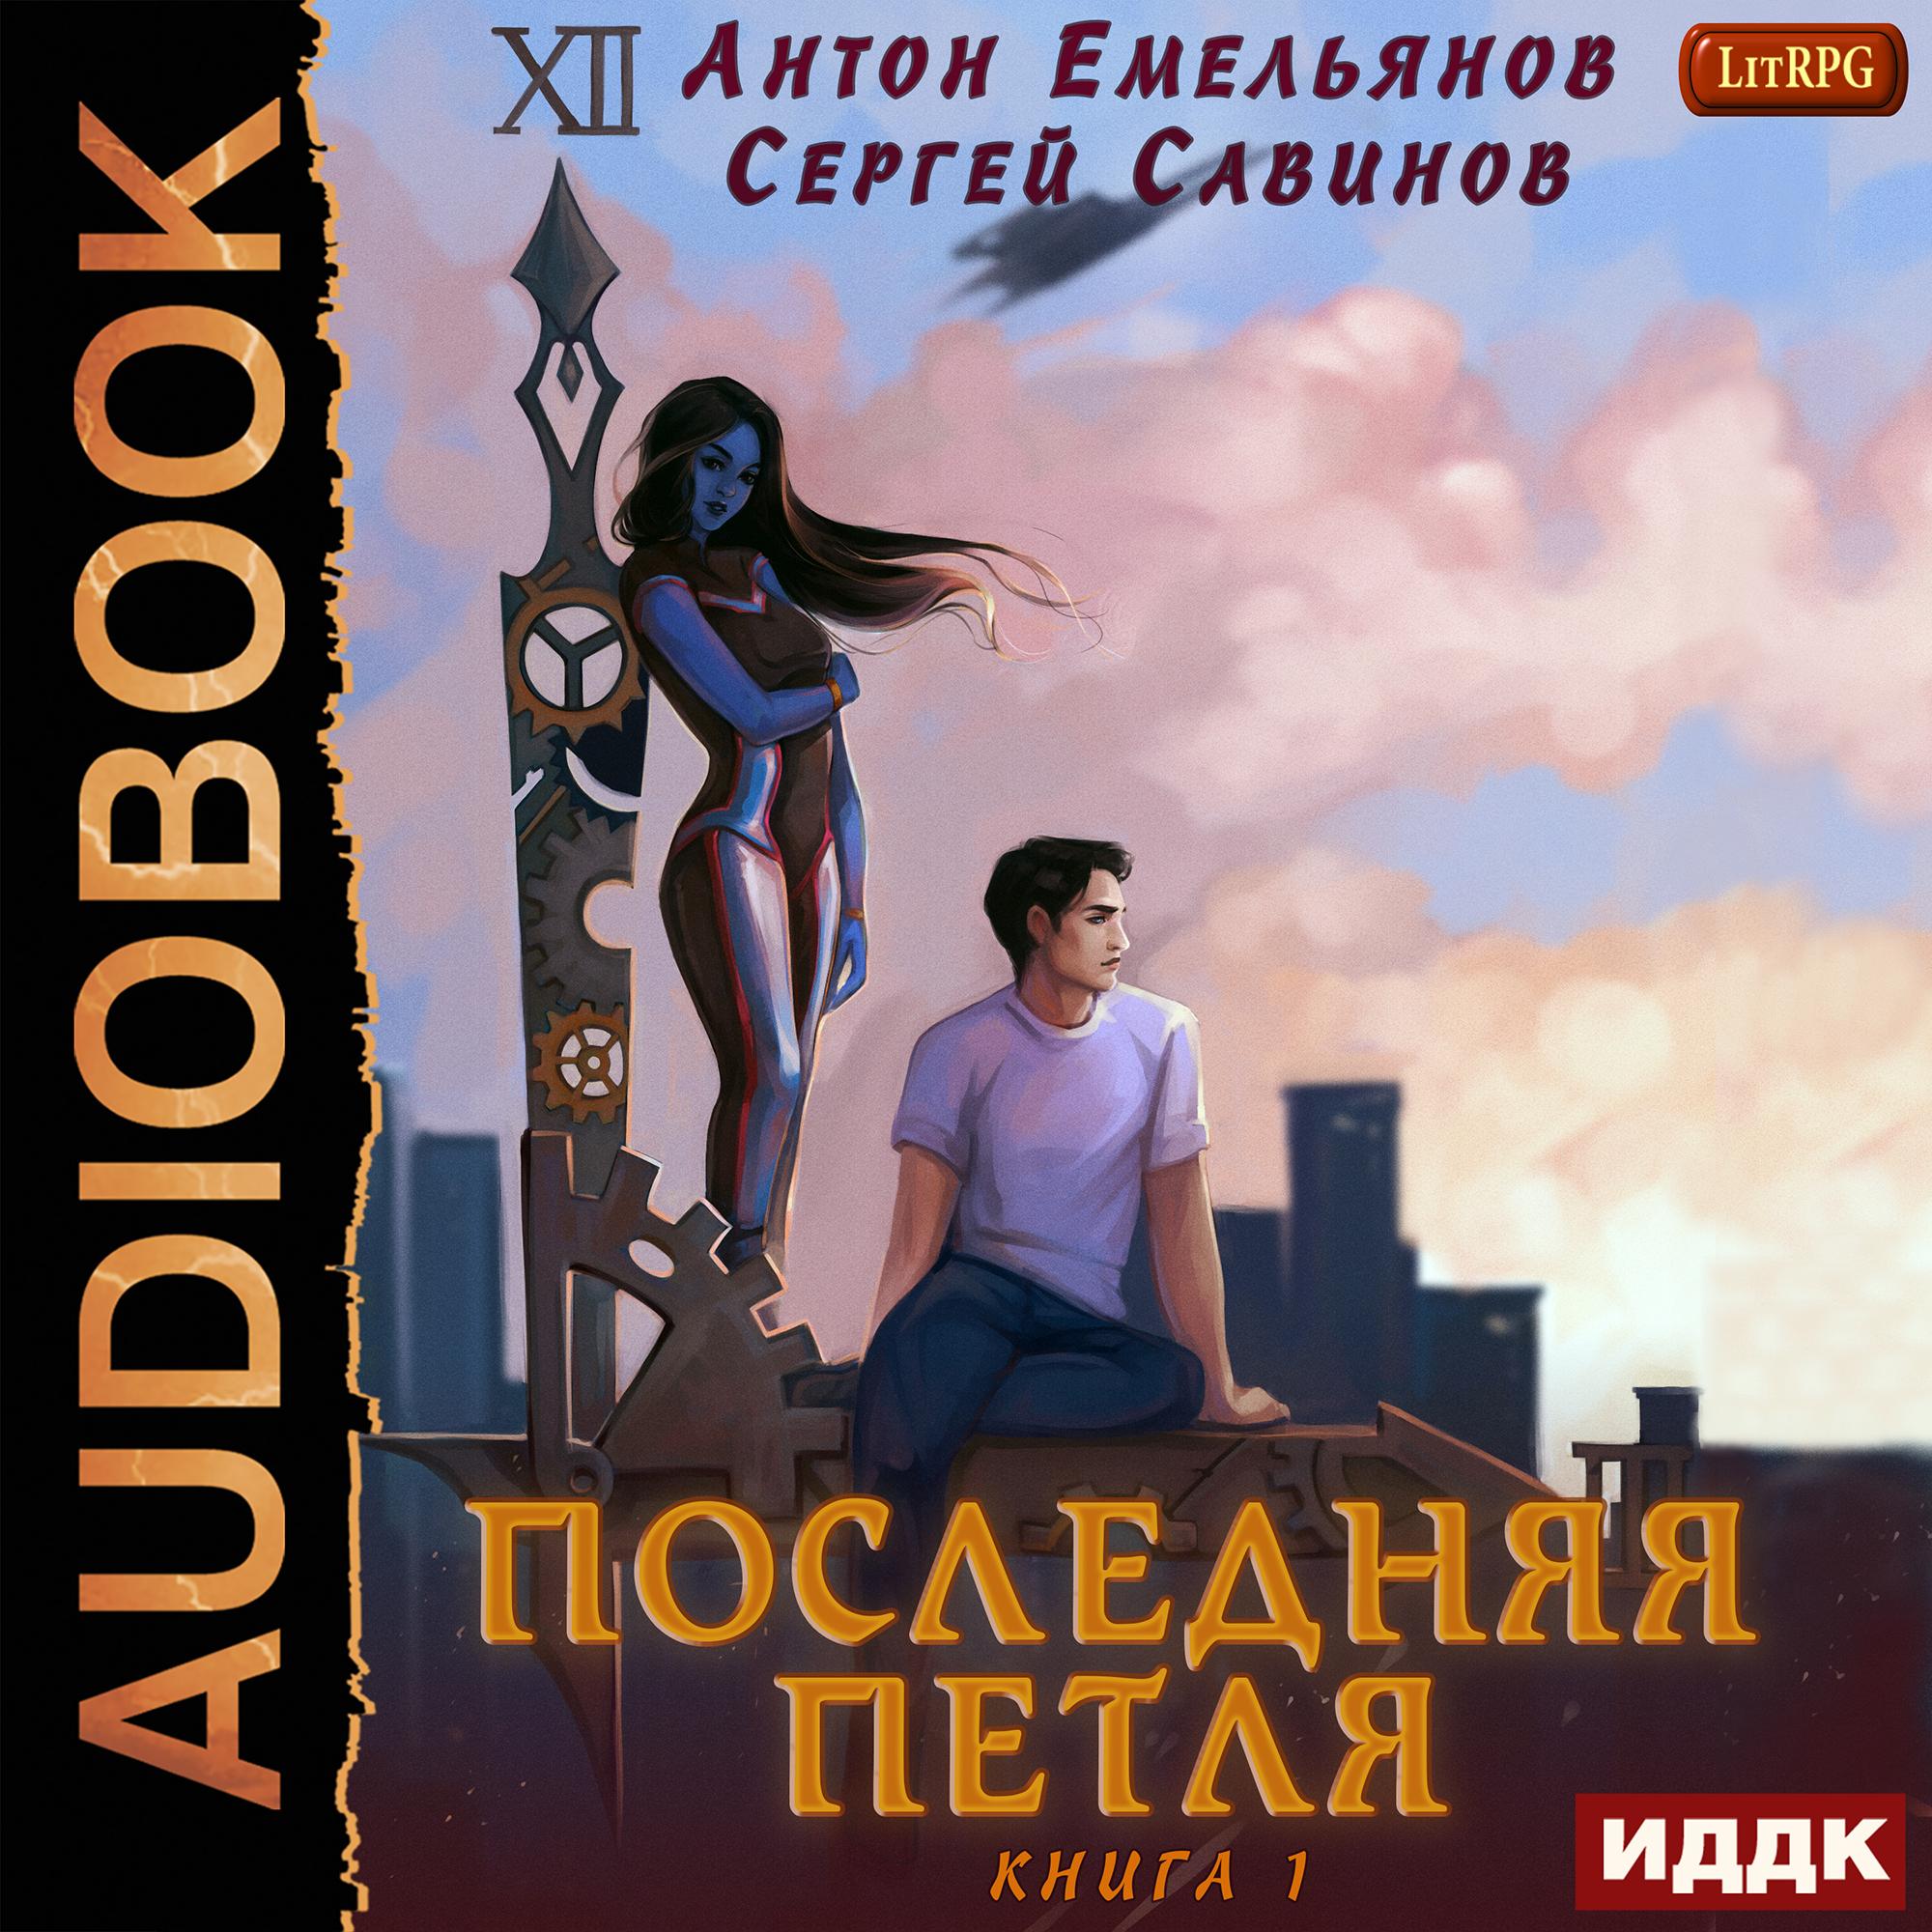 Антон Емельянов, Сергей Савинов Последняя петля. Книга 1 (цифровая версия) (Цифровая версия)